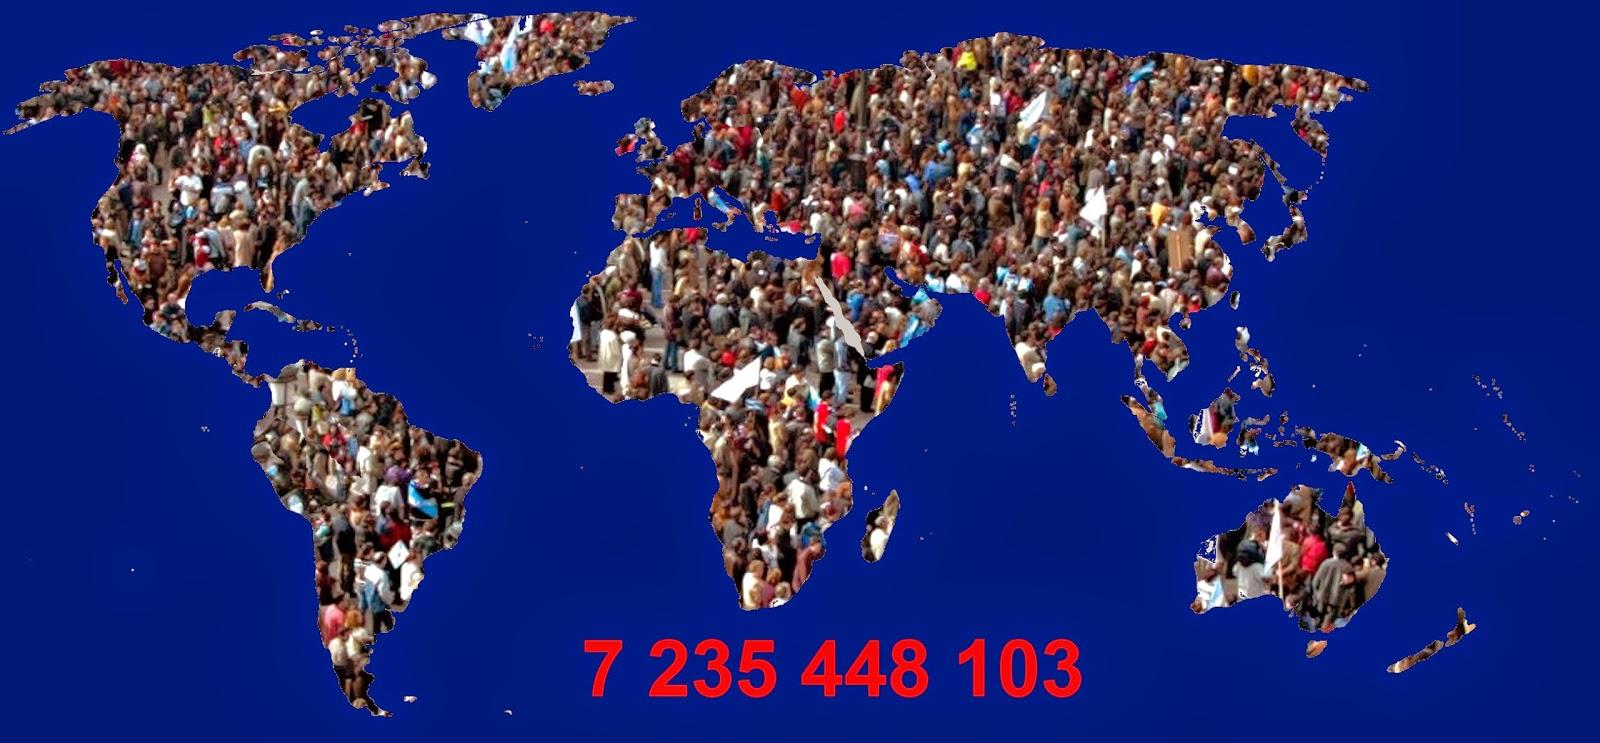 Població mundial